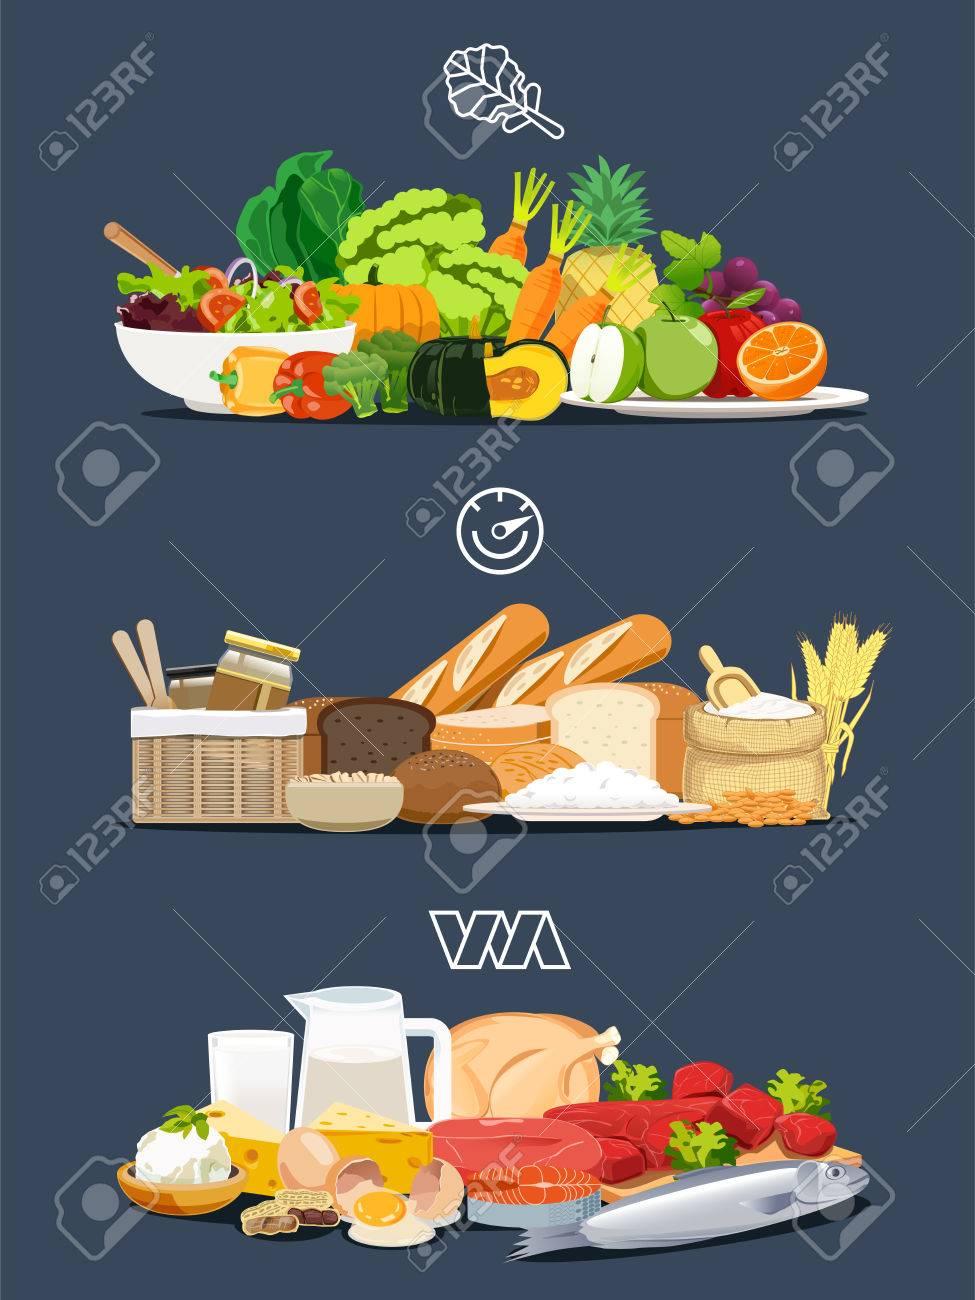 Tipos de alimentos para una dieta balanceada